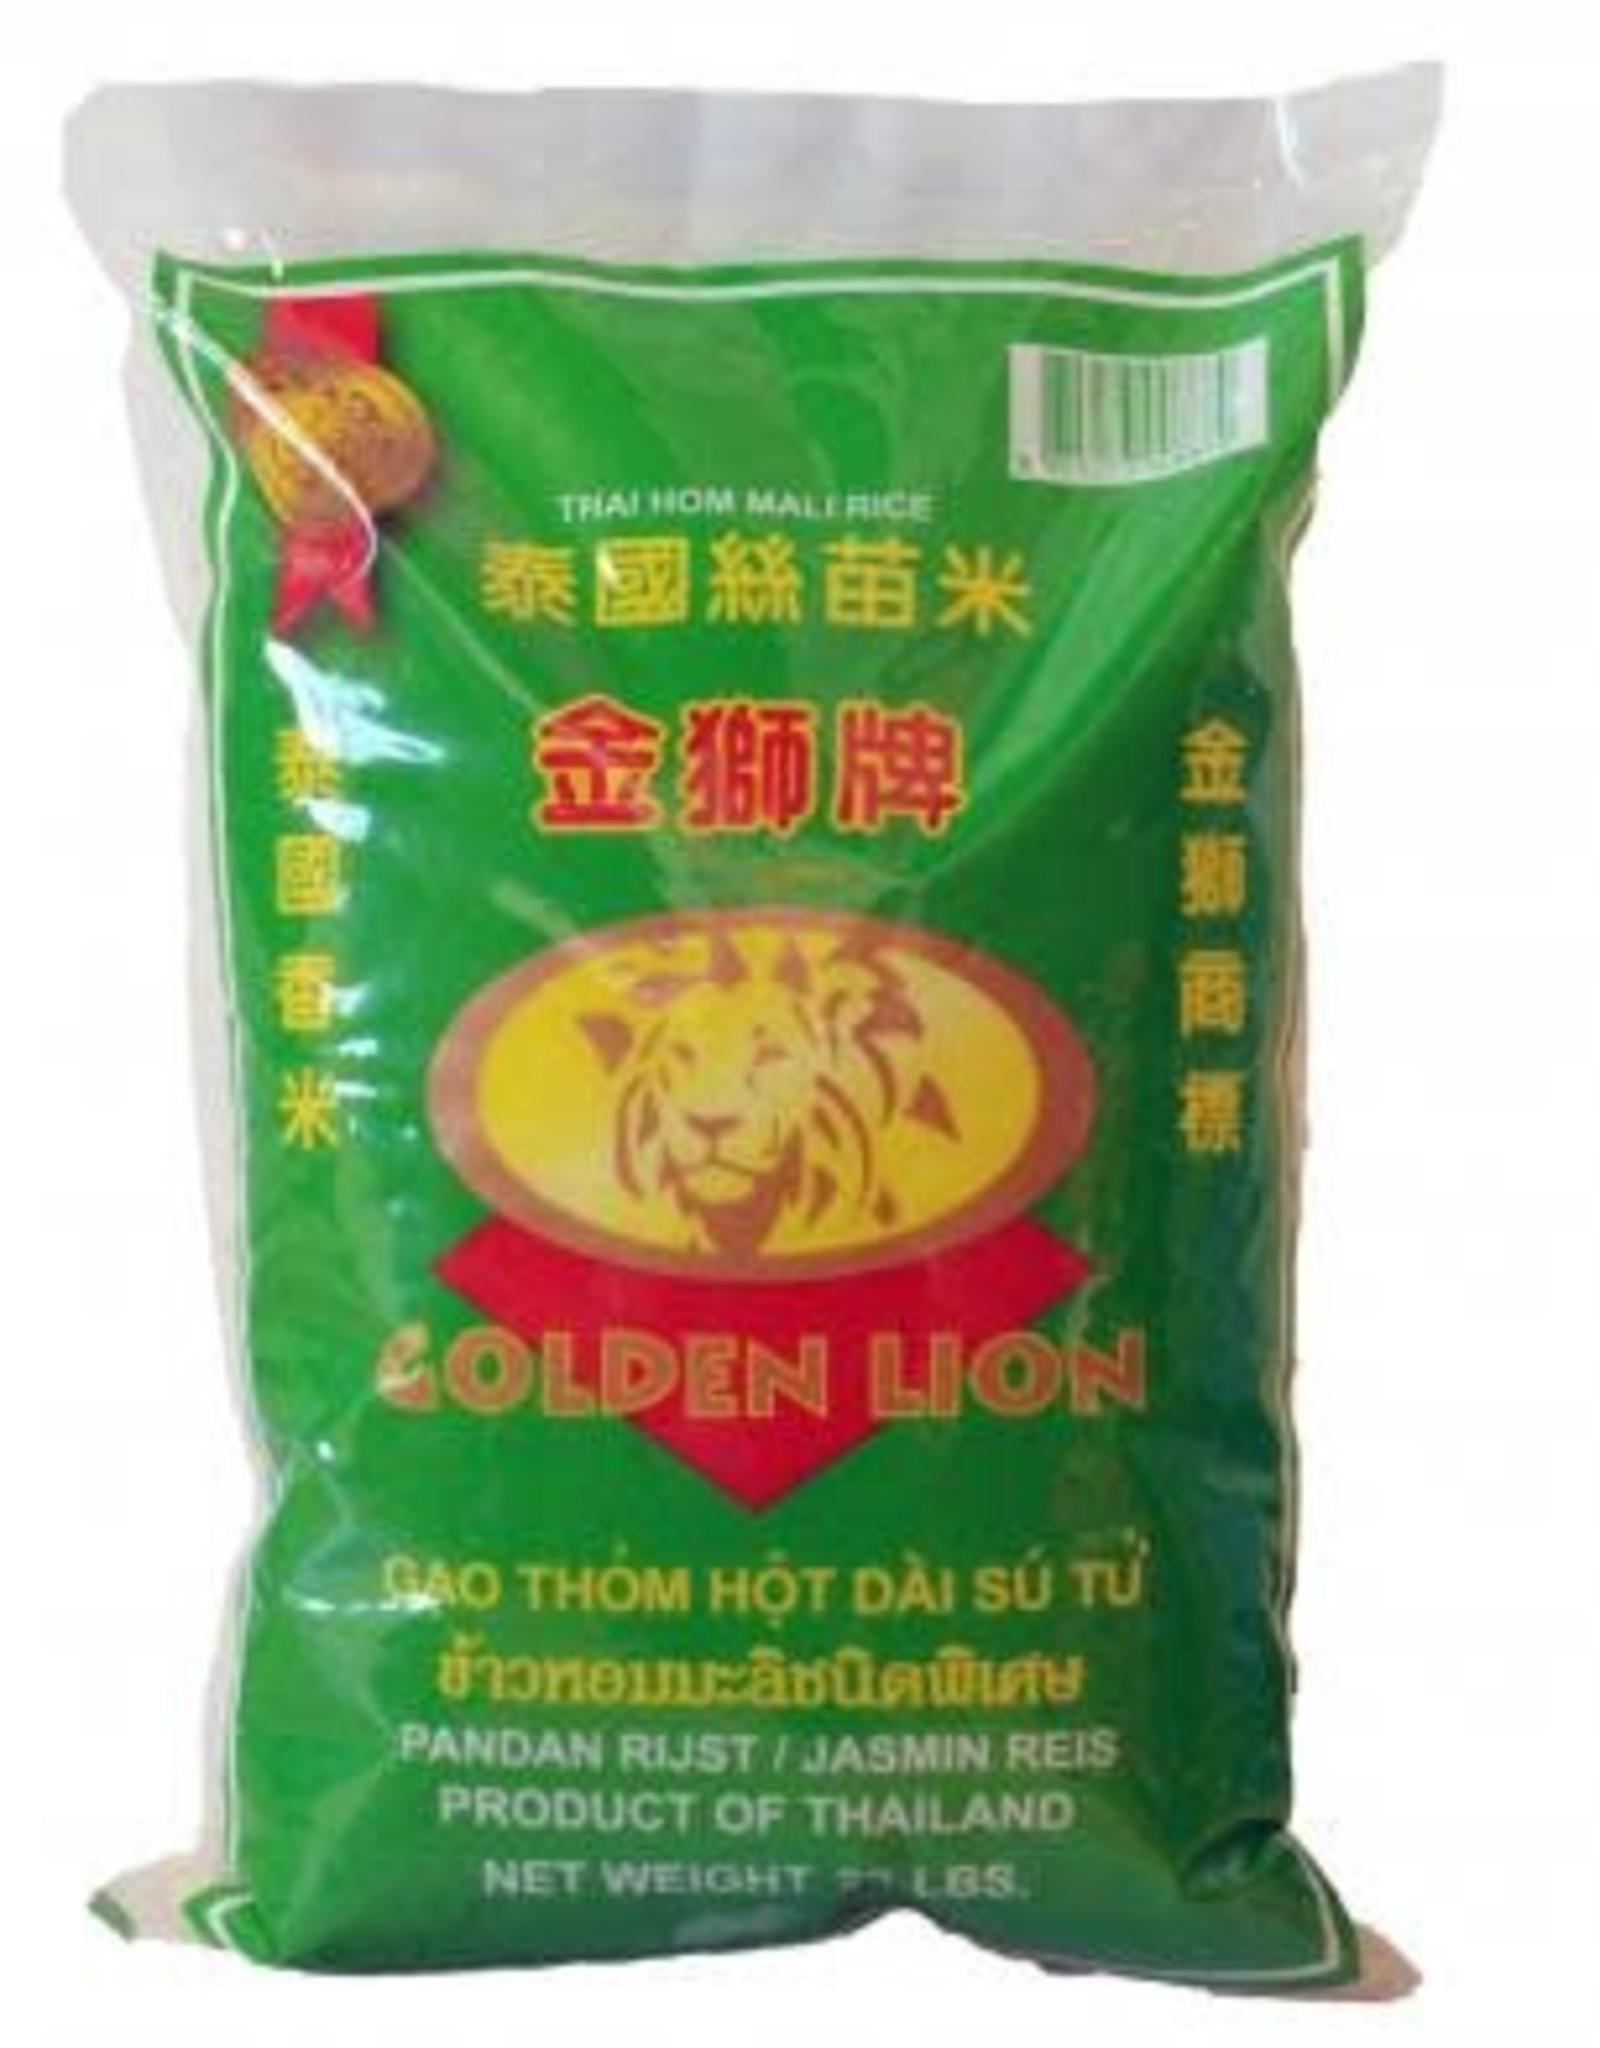 GOLDEN LION Rijst Golden Lion Thaise Jasmijn 20Lbs (9Kg)